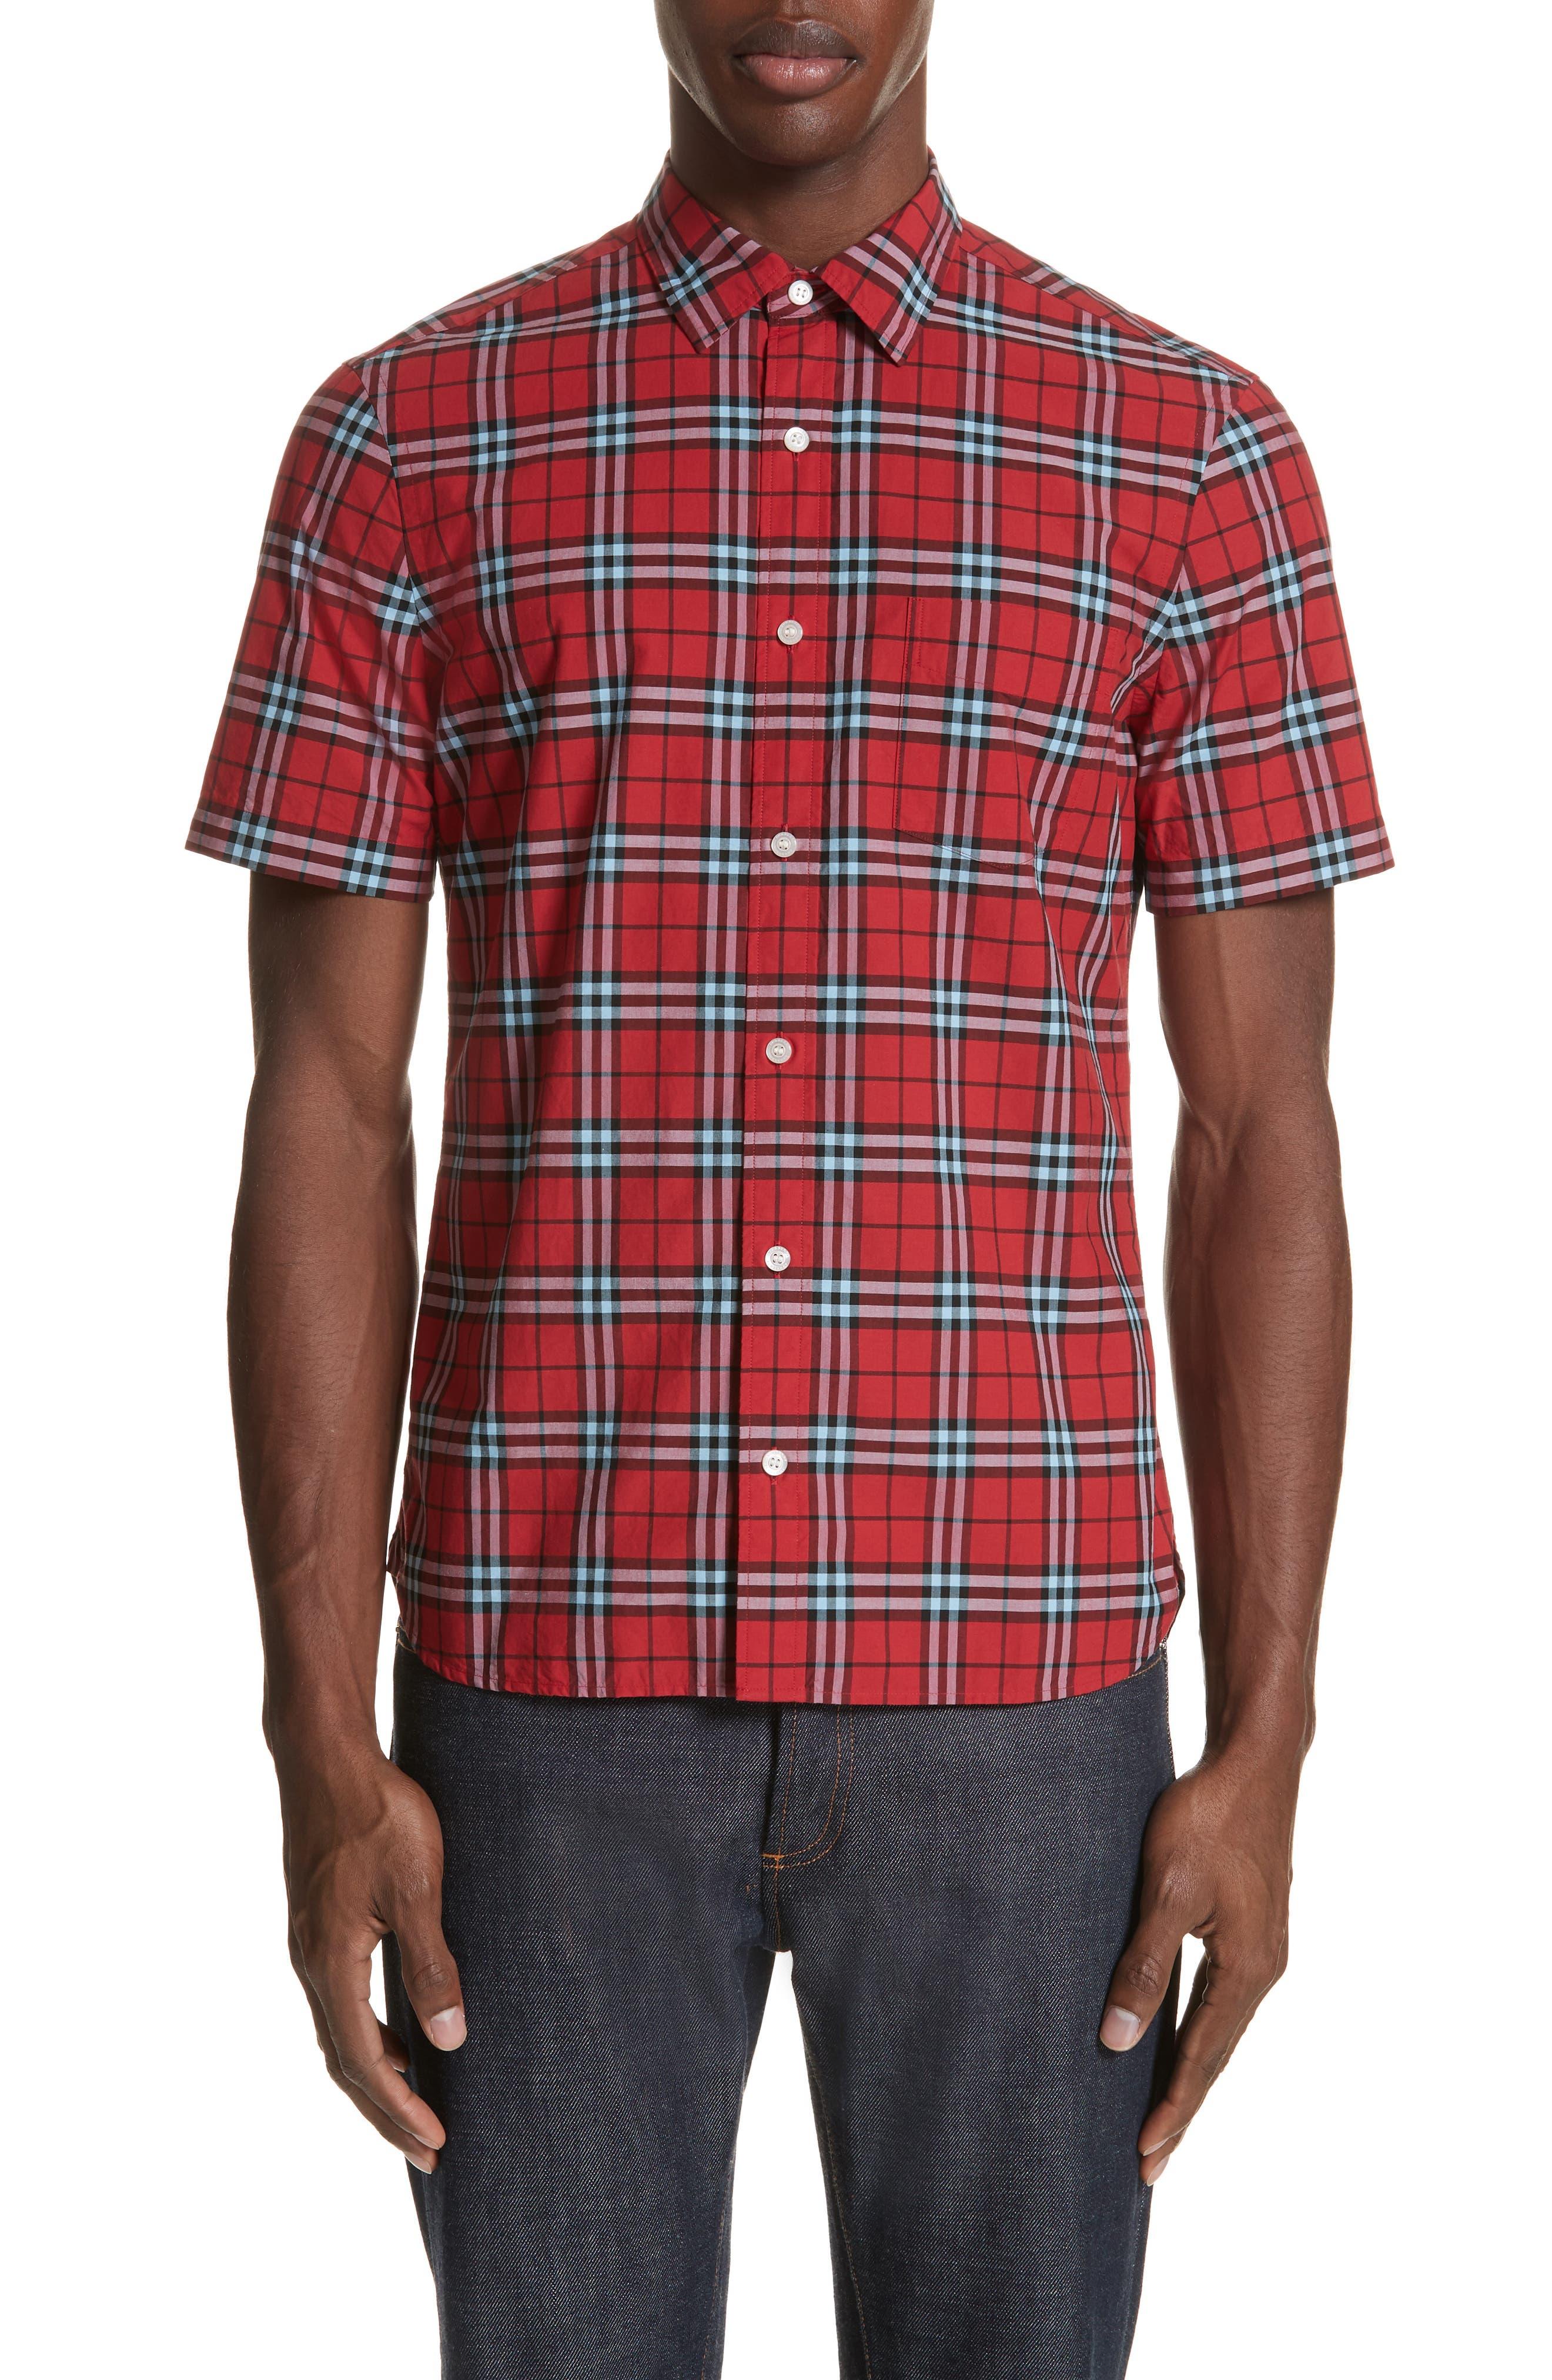 Alexander Check Sport Shirt,                             Main thumbnail 1, color,                             BRIGHT RED